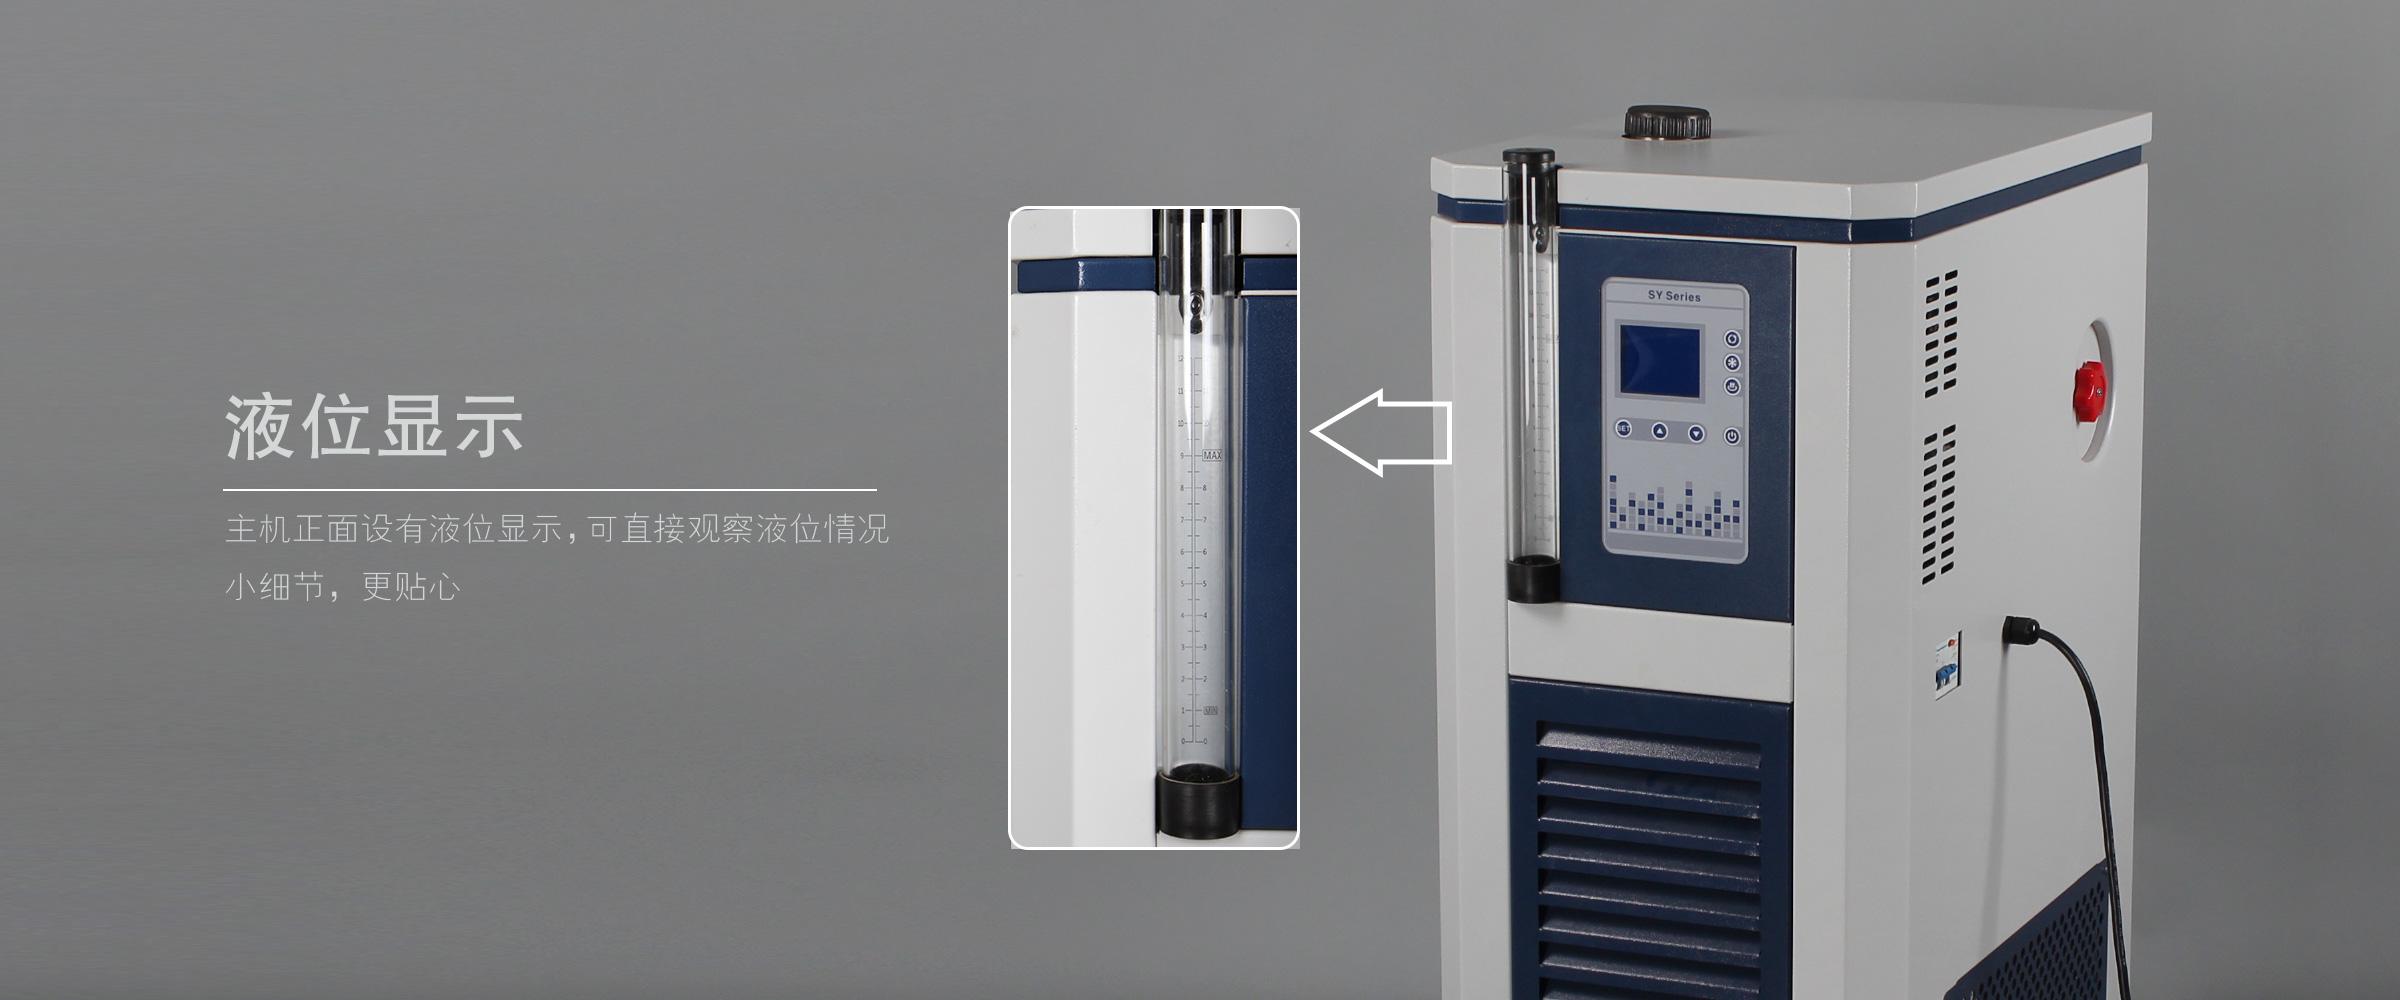 高温循环器 (4)